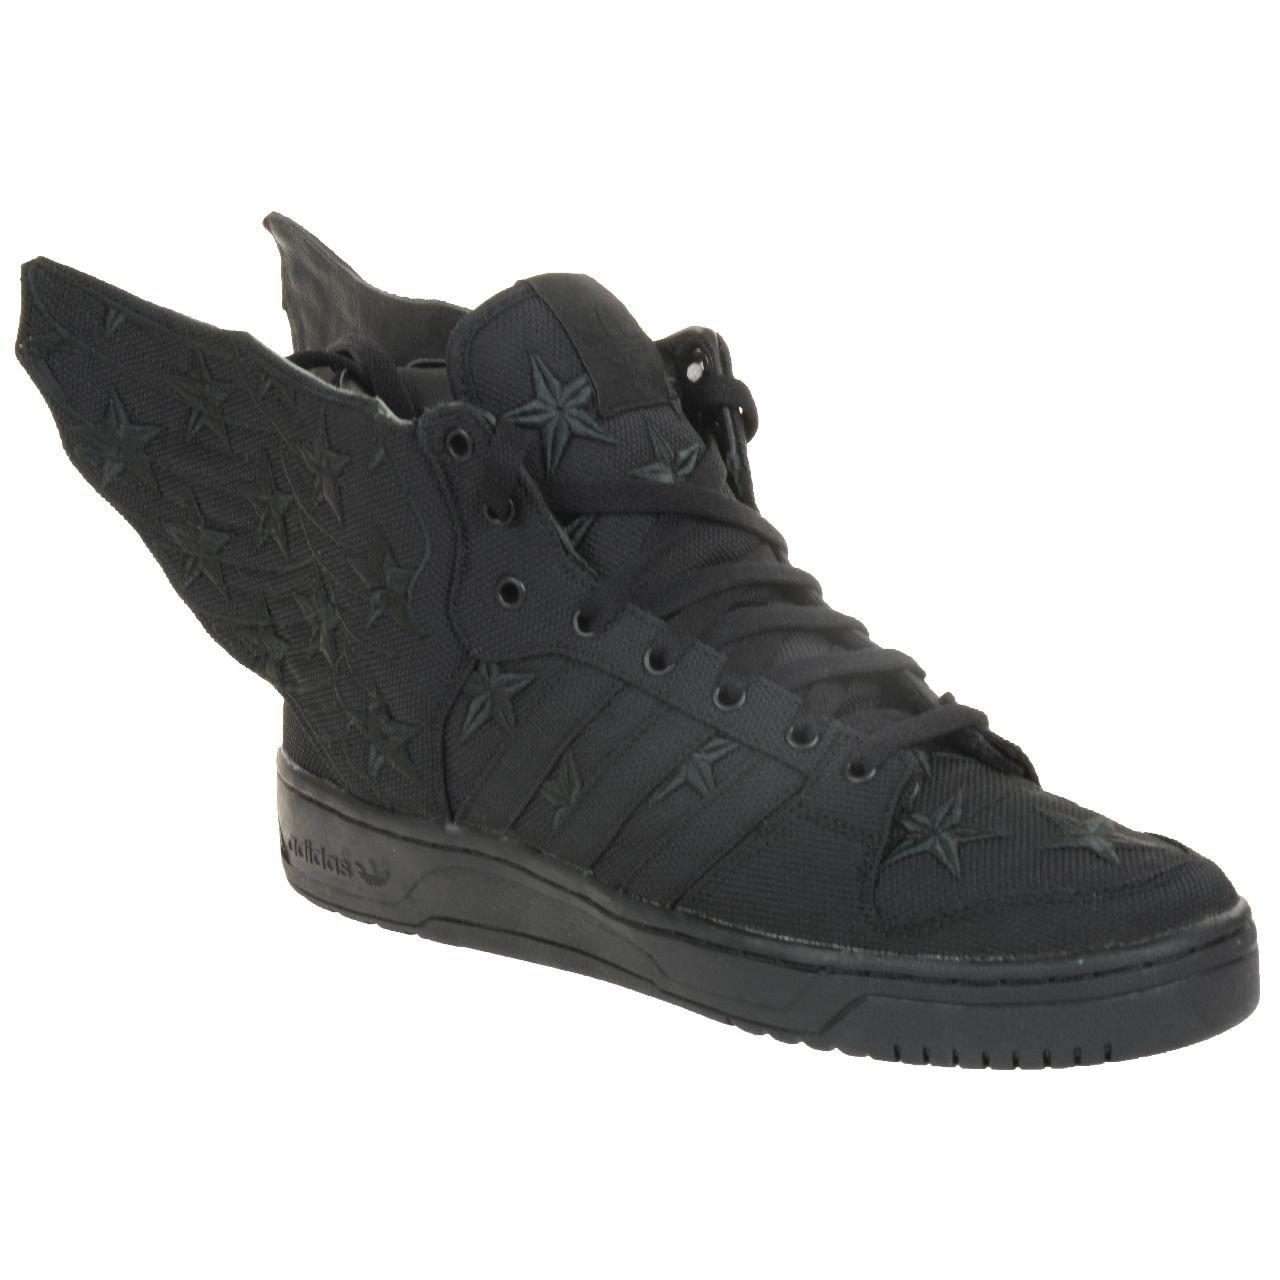 Adidas Adidas Adidas Originals JS Wings 2.0 schwarz Flag Jeremy Scott Turnschuhe Schuh Schuhe schwarz D65206 791015